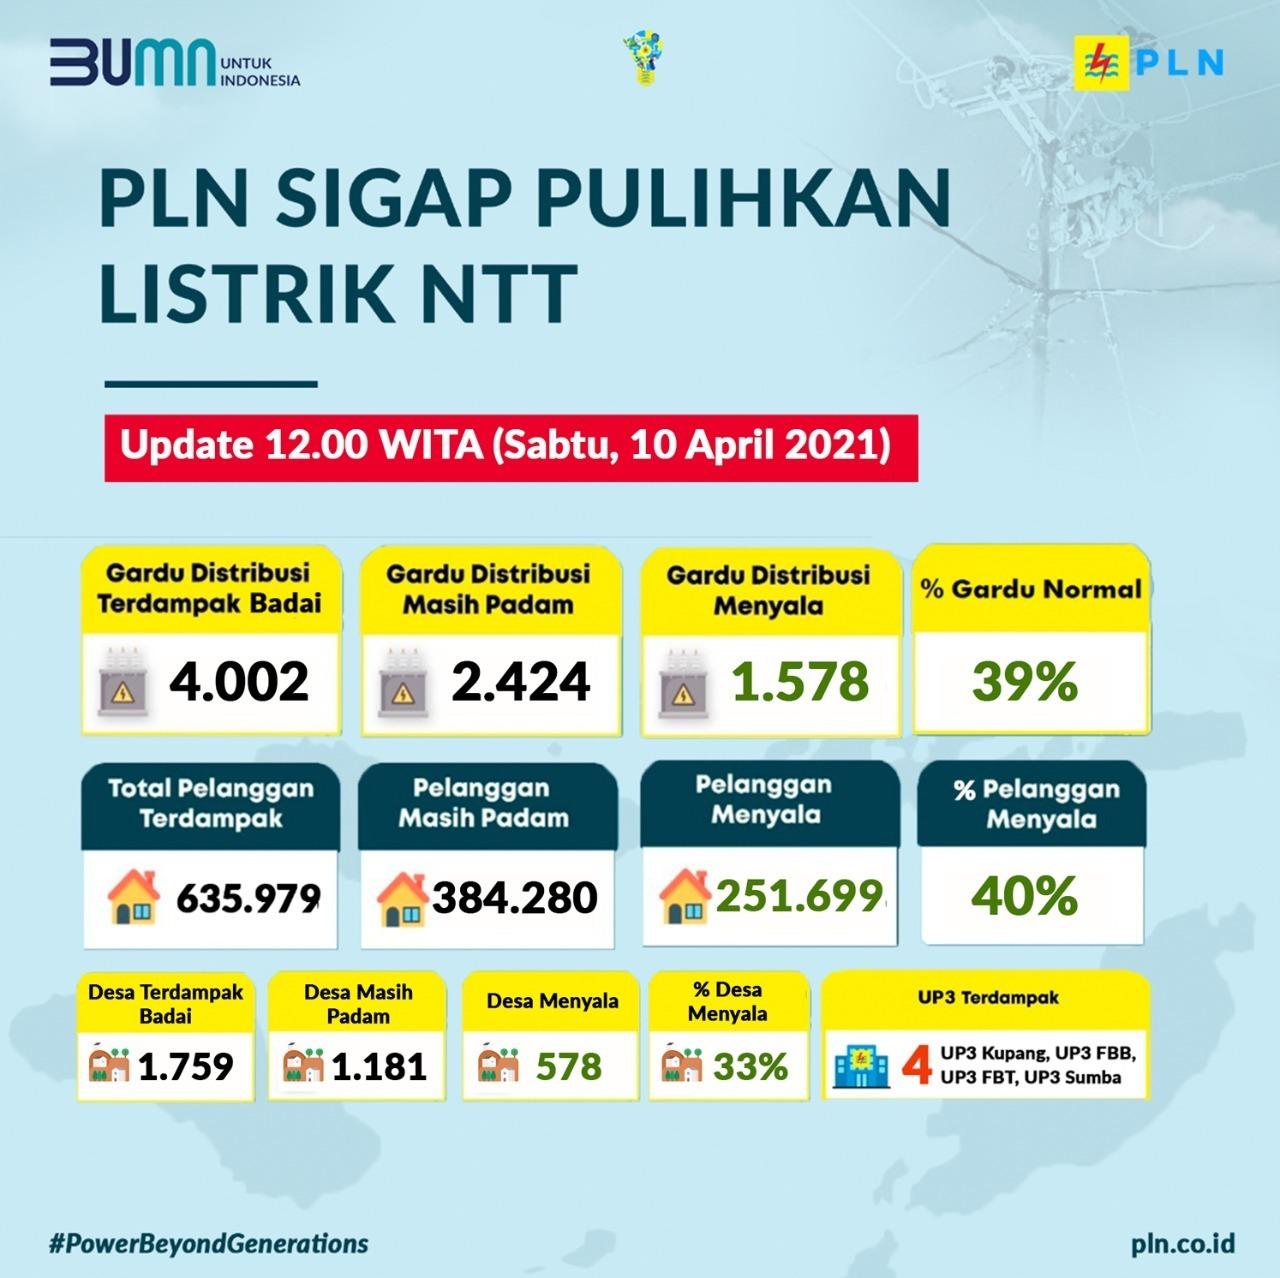 PLN berhasil menyalakan kembali seluruh kelistrikan yang terdampak bencana alam di enam kabupaten dan kota di Nusa Tenggara Timur (NTT).